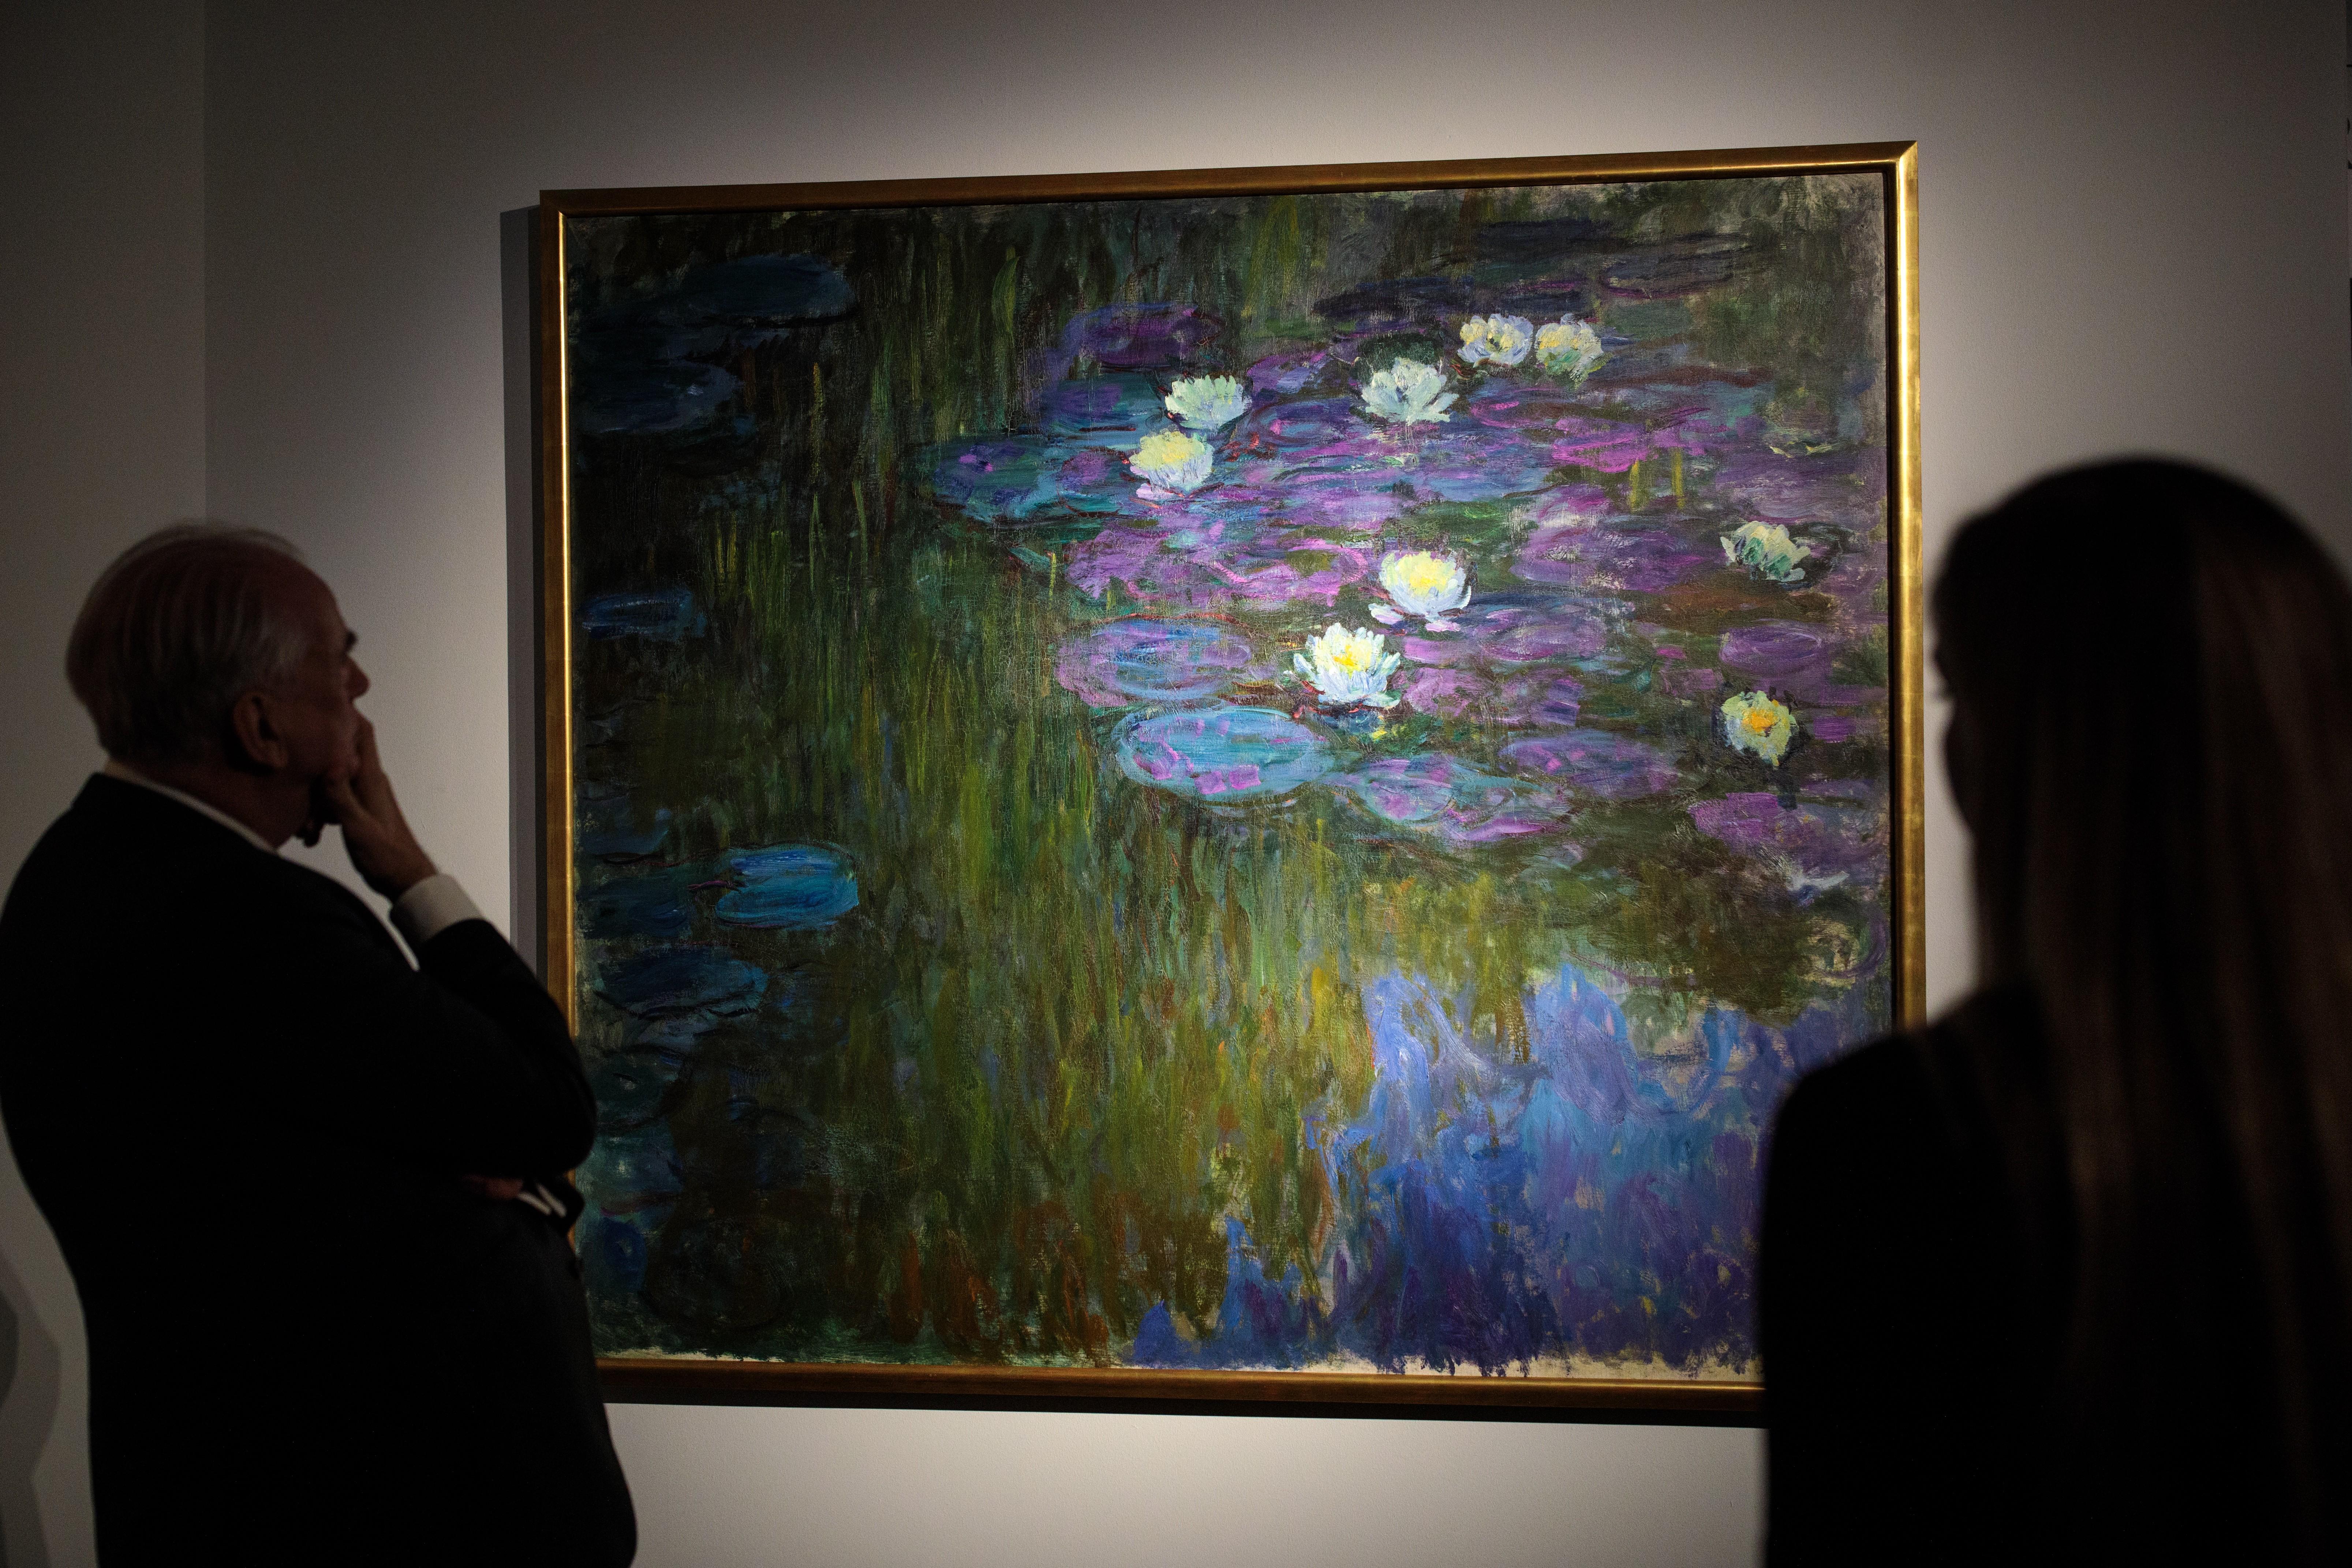 Nympheas en fleur, de Claude Monet, é uma das obras arrematadas (Foto: Getty Images / Jack Taylo)